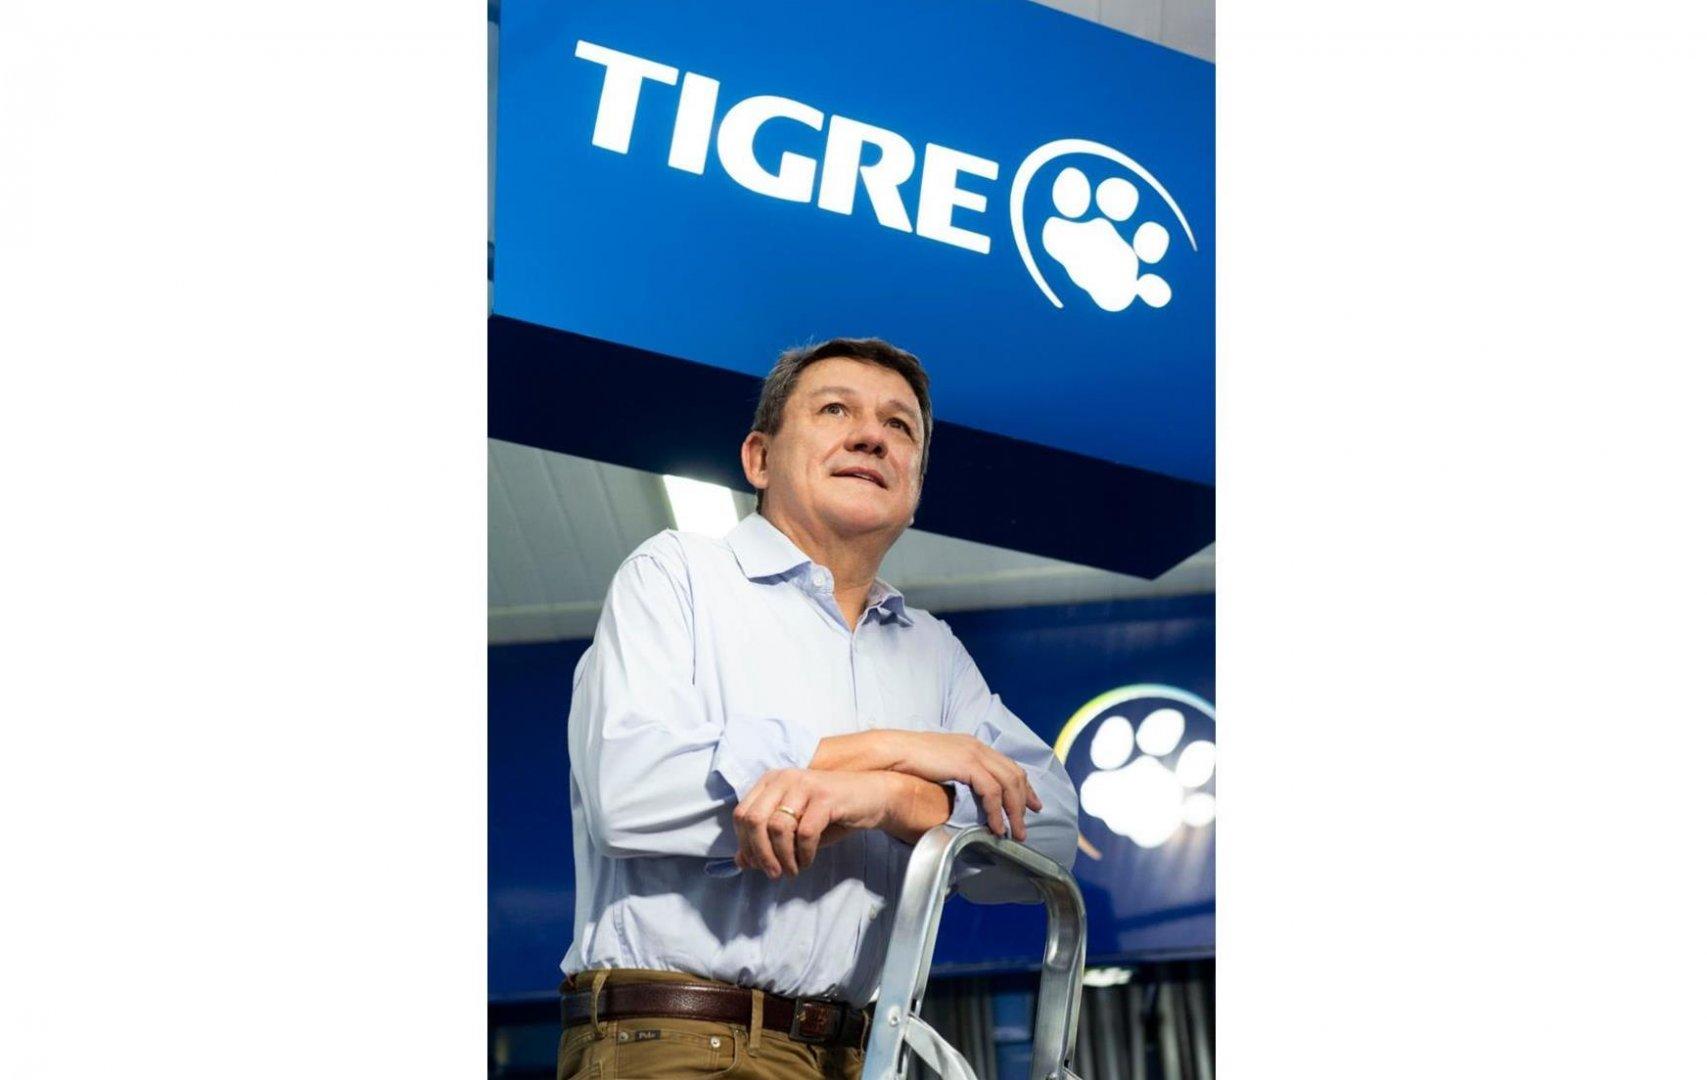 Tigre USA adquire empresa norte-americana e se posiciona entre os principais fabricantes do setor nos EUA